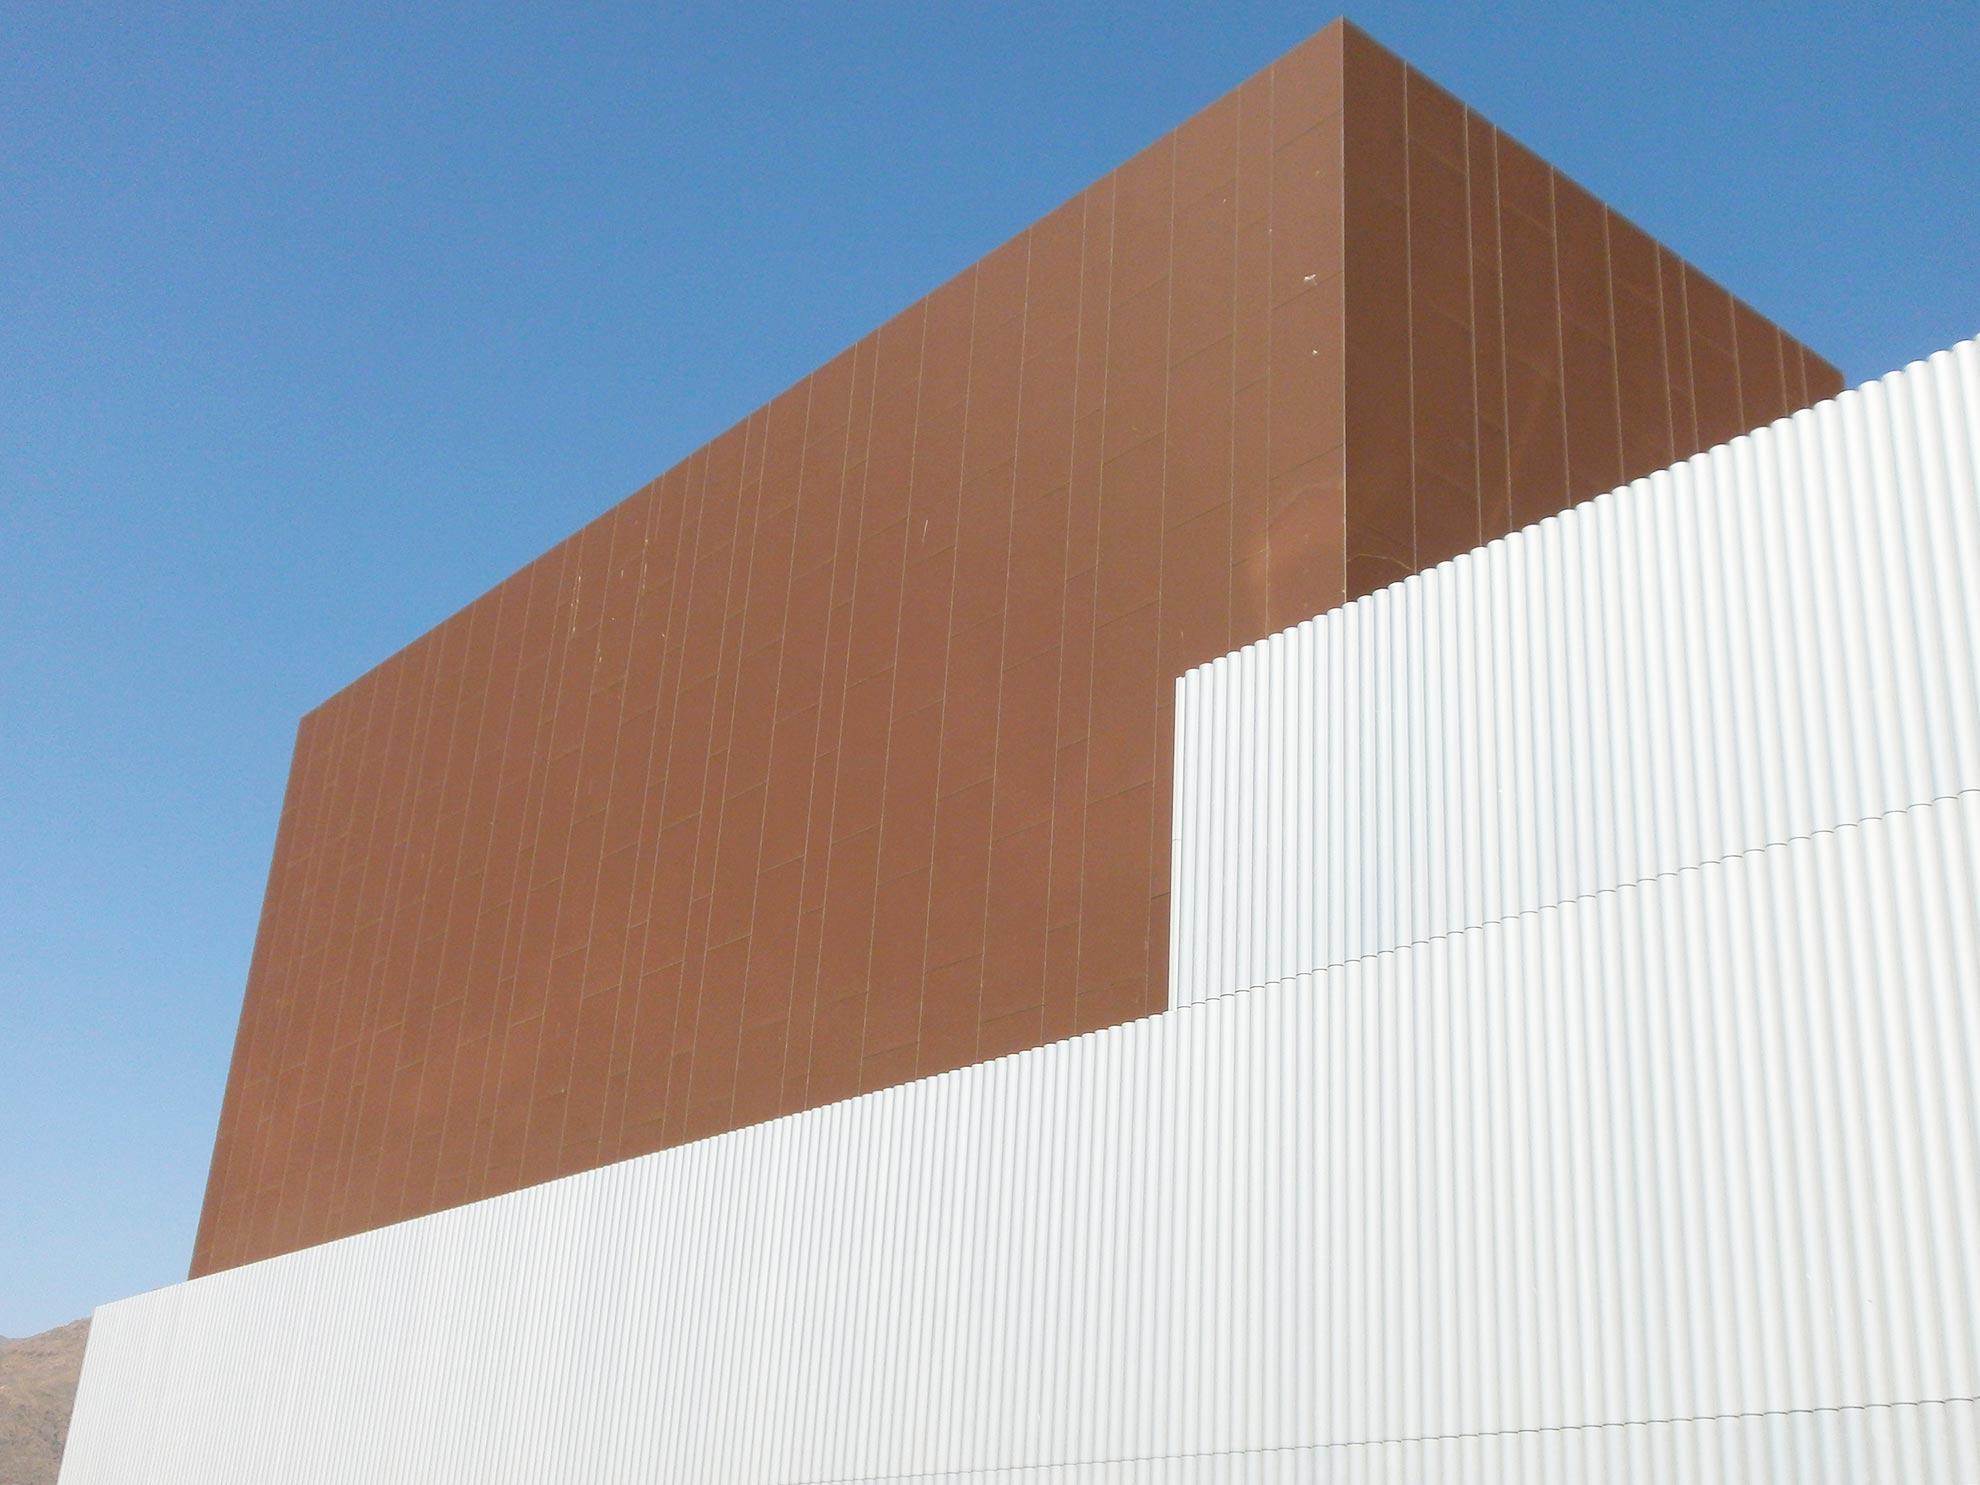 Auditorio-de-Estepona.-Espaa.-larson-5_1593094006.jpg